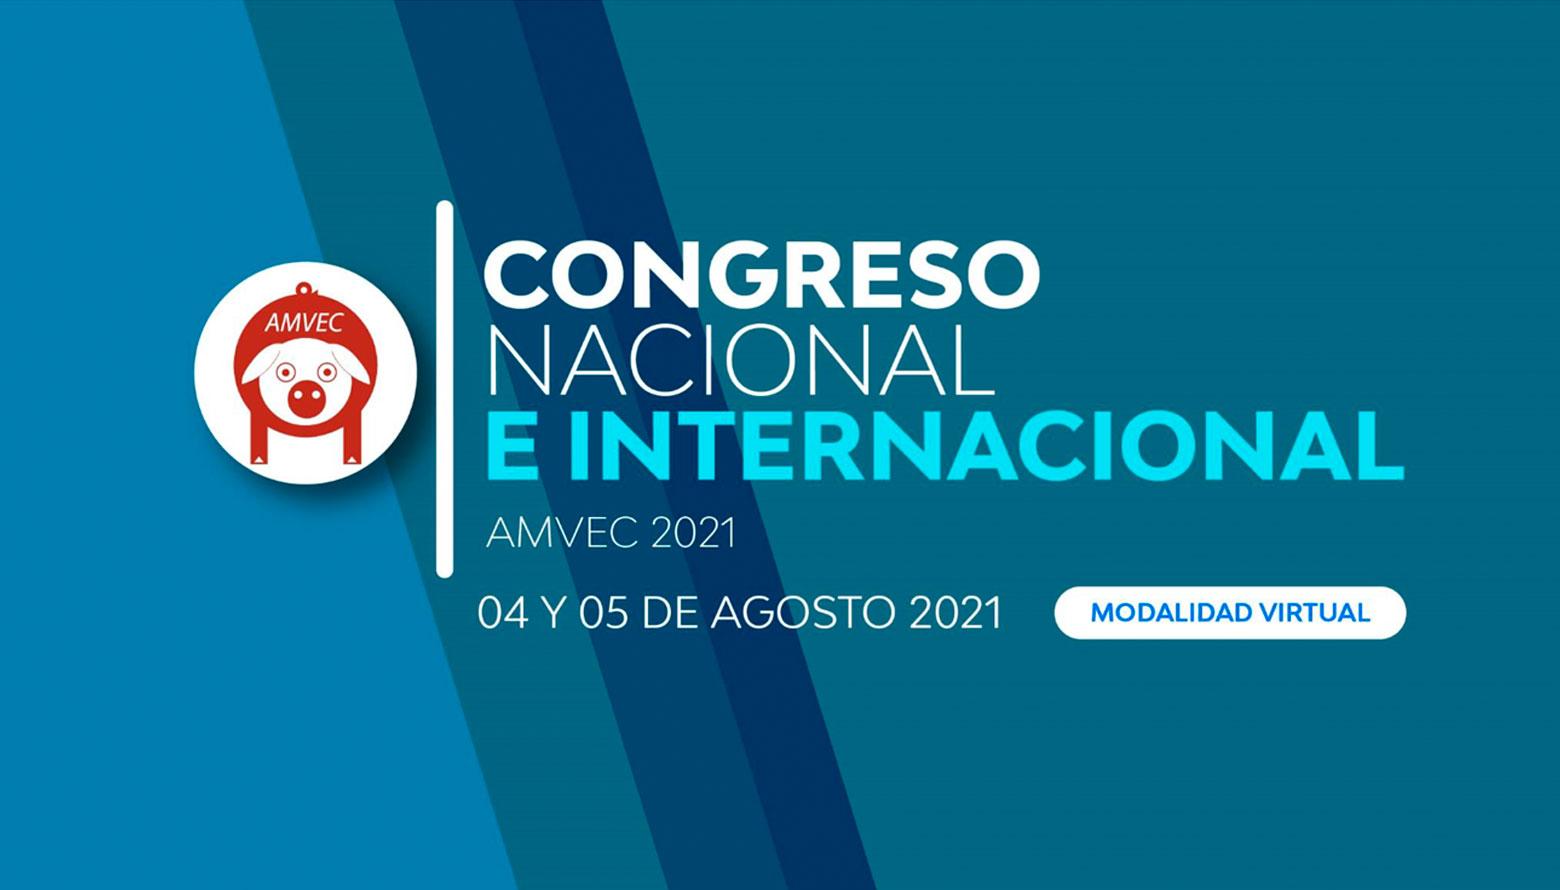 Congreso Nacional e Internacional AMVEC 2021